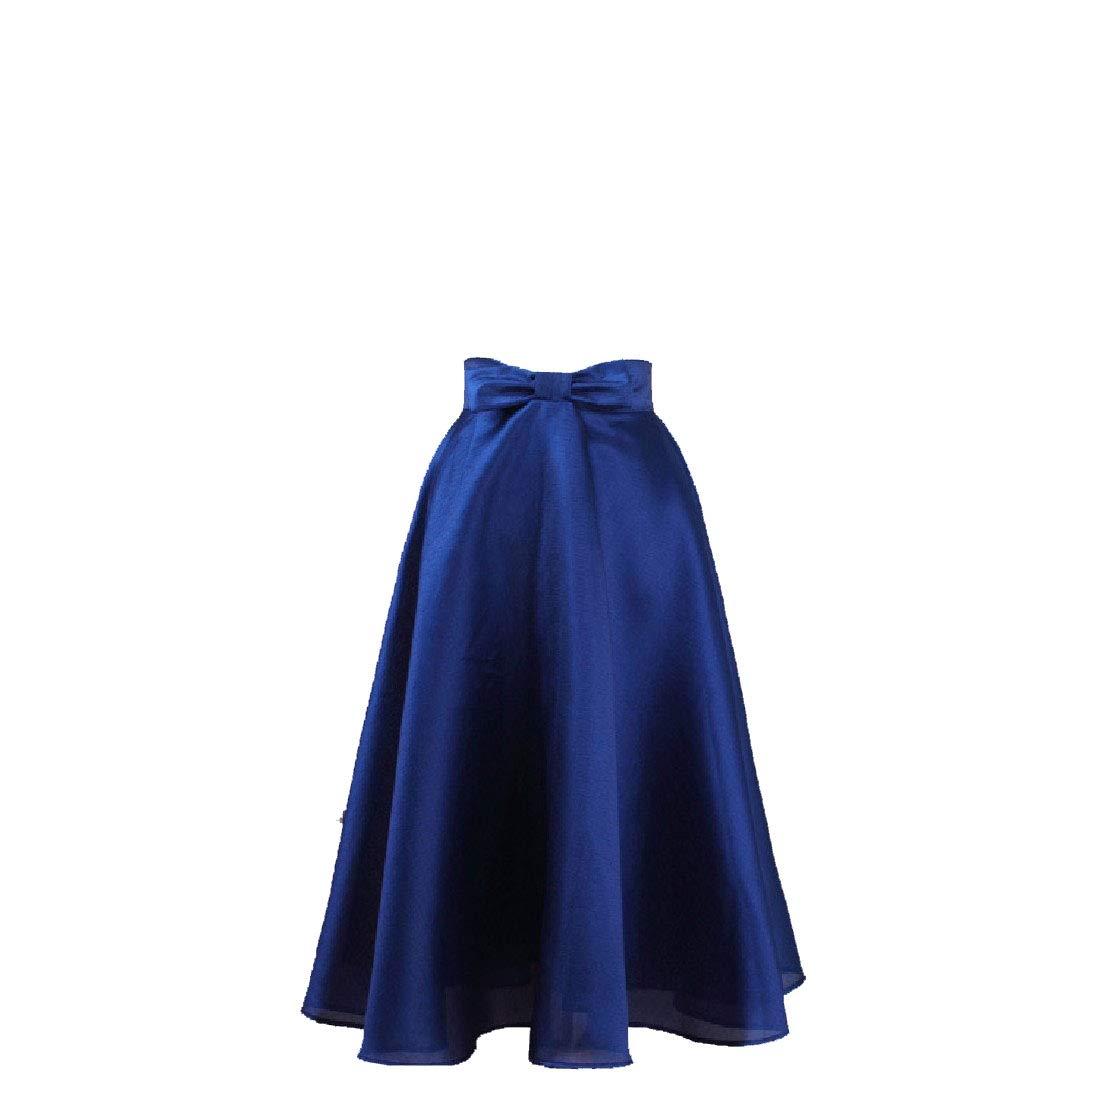 Mfasica Falda de moño de Tiro Alto, Color Liso, Media Larga, para ...